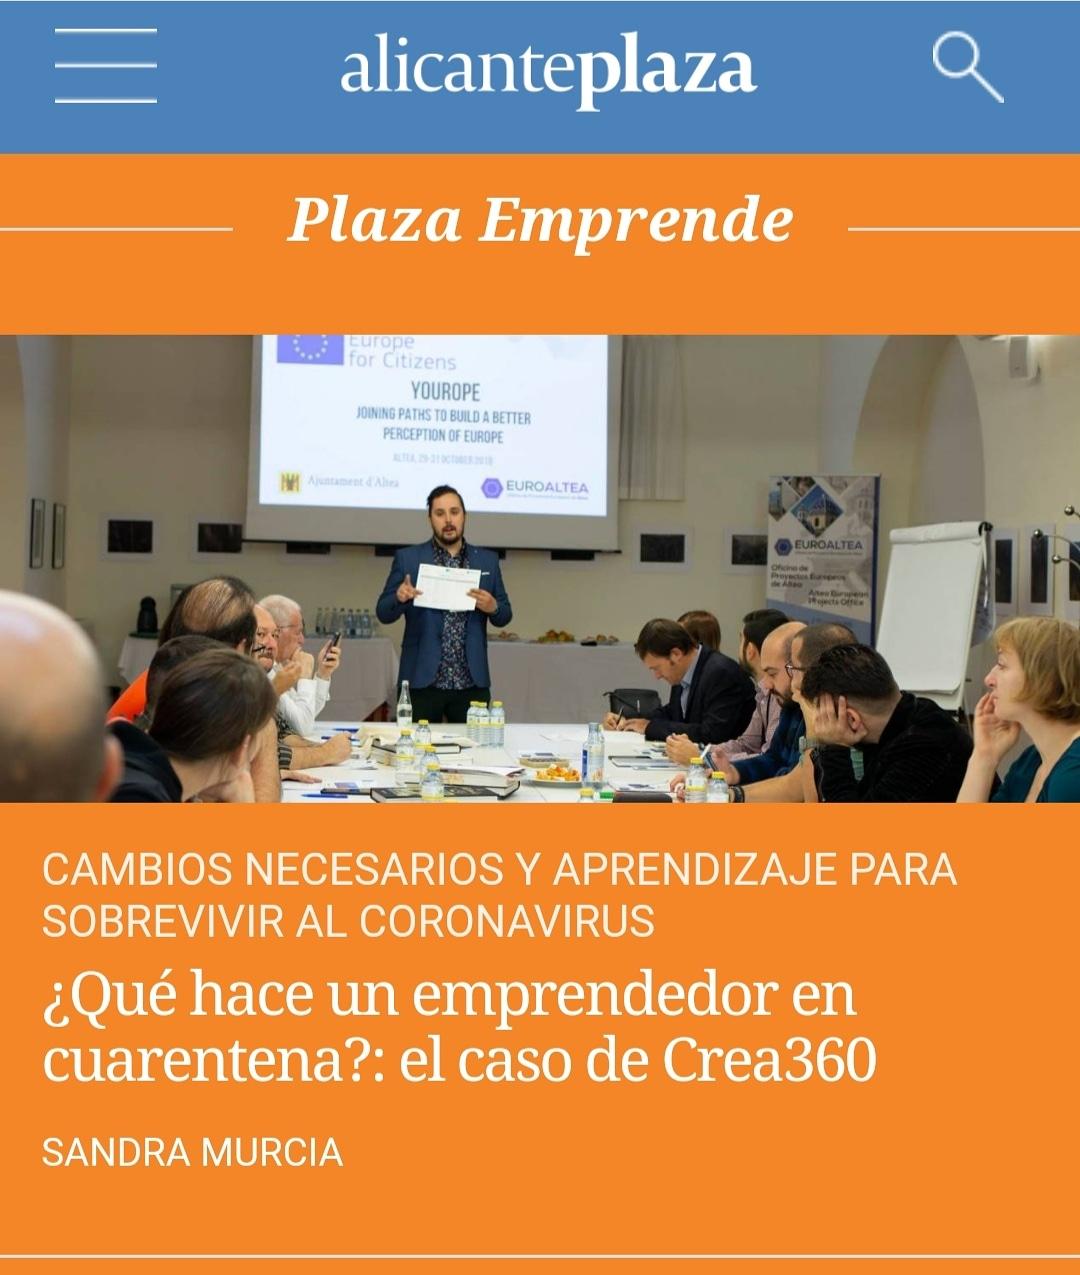 ¿Qué hace un emprendedor en cuarentena?: el caso de Crea360